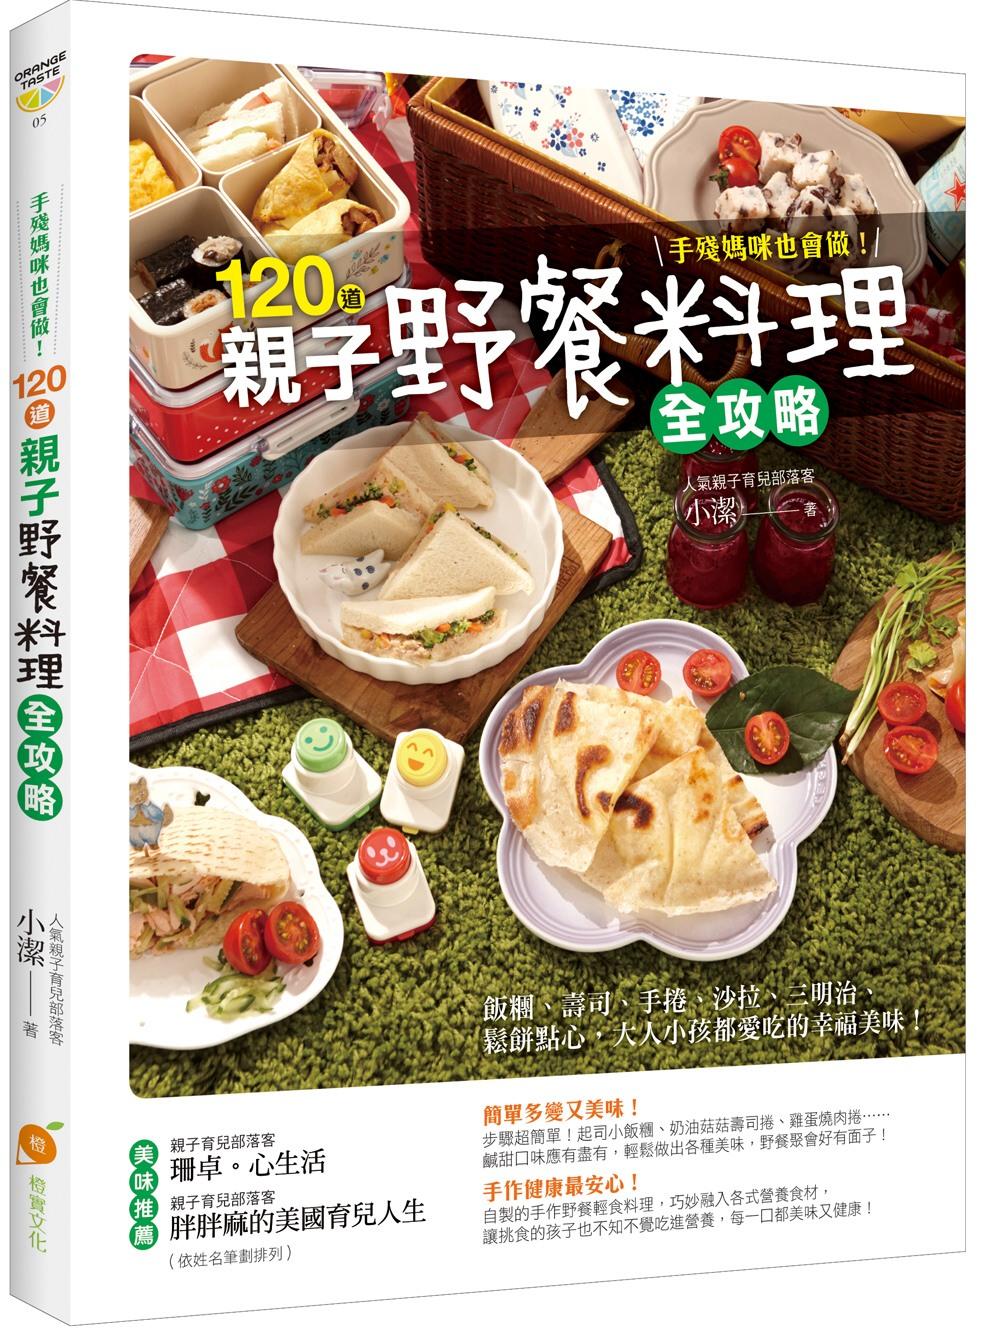 手殘媽咪也會做!120道親子野餐料理全攻略:飯糰、壽司、手捲、沙拉、三明治、鬆餅點心,大人小孩都愛吃的幸福美味!